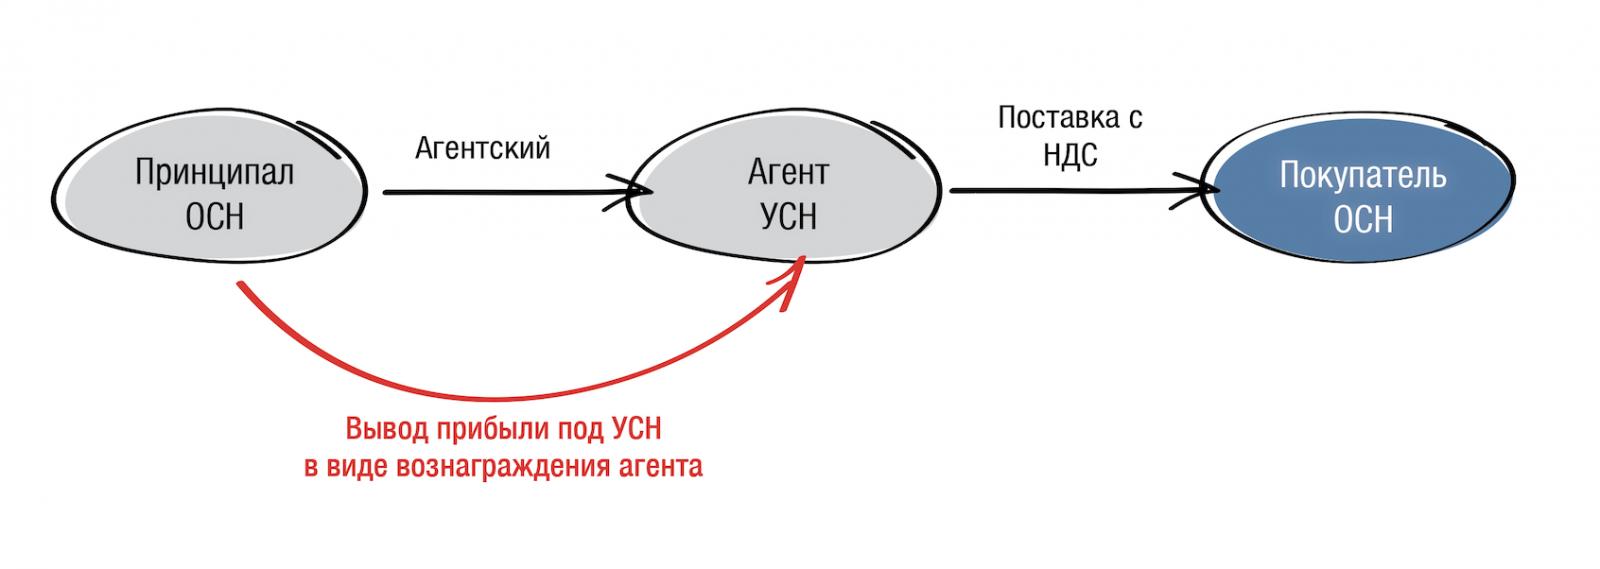 agentskiy_dogovor_04.png